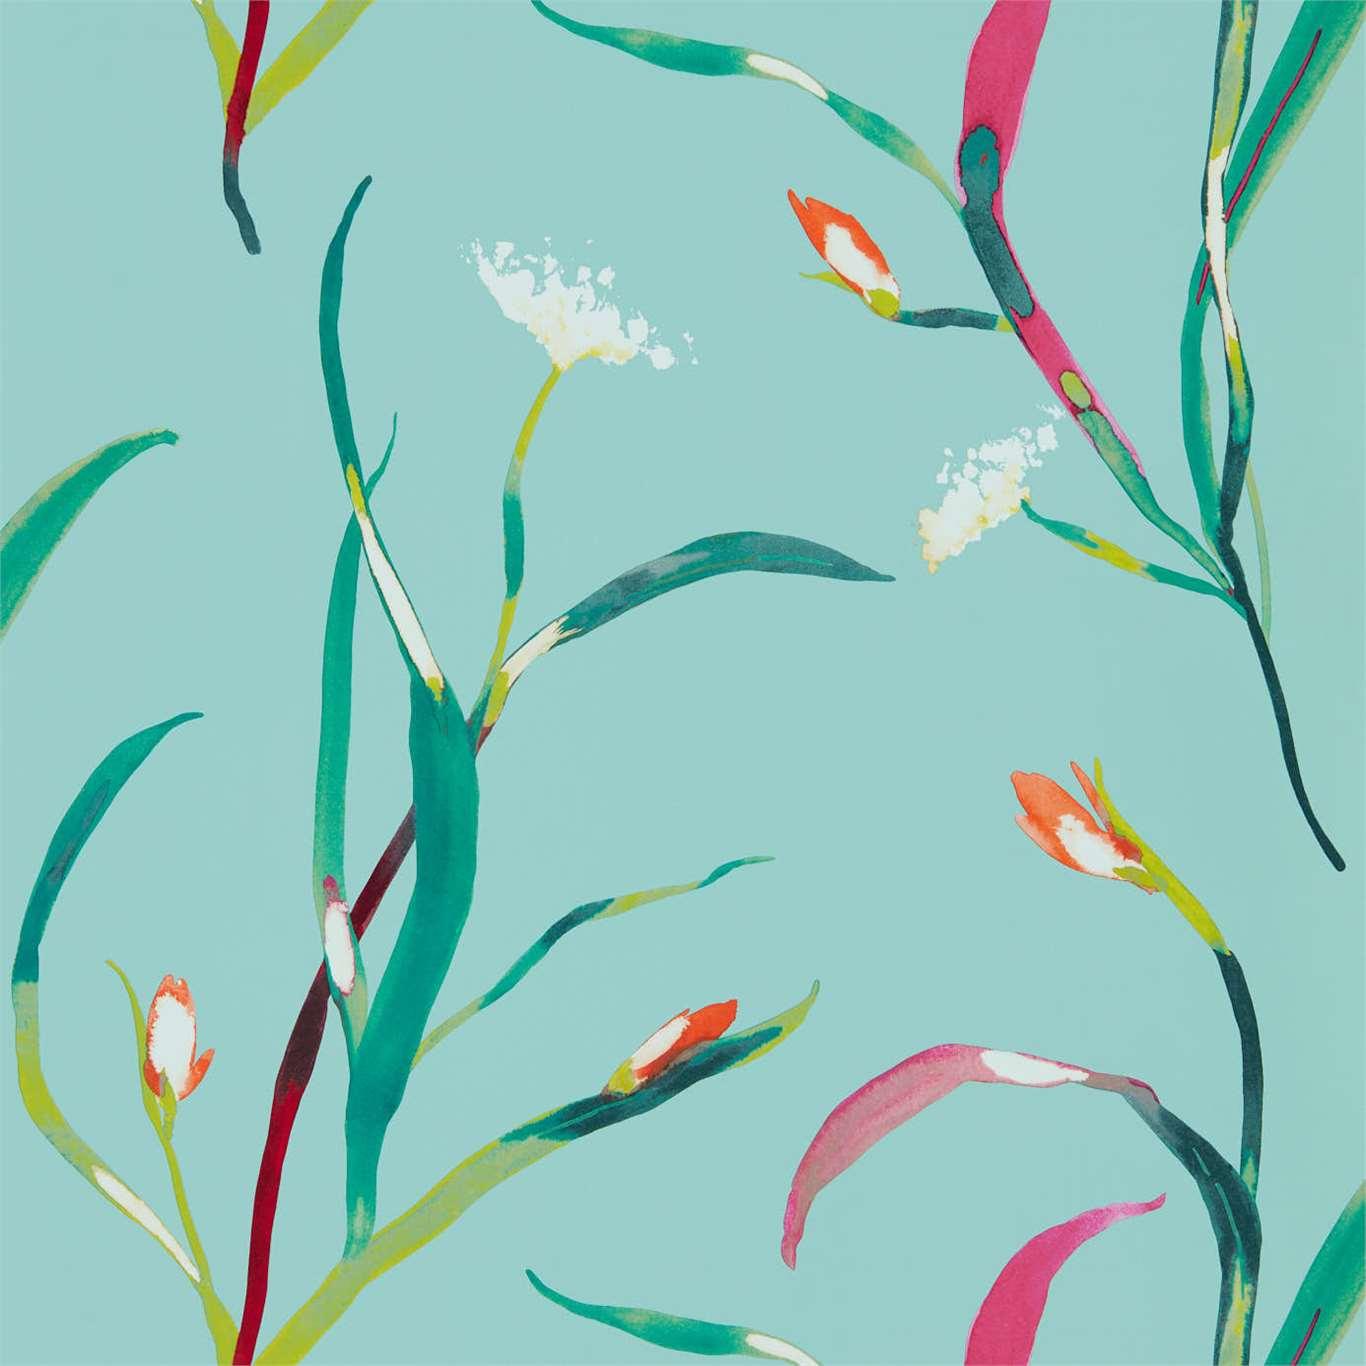 carta da parati a fiori